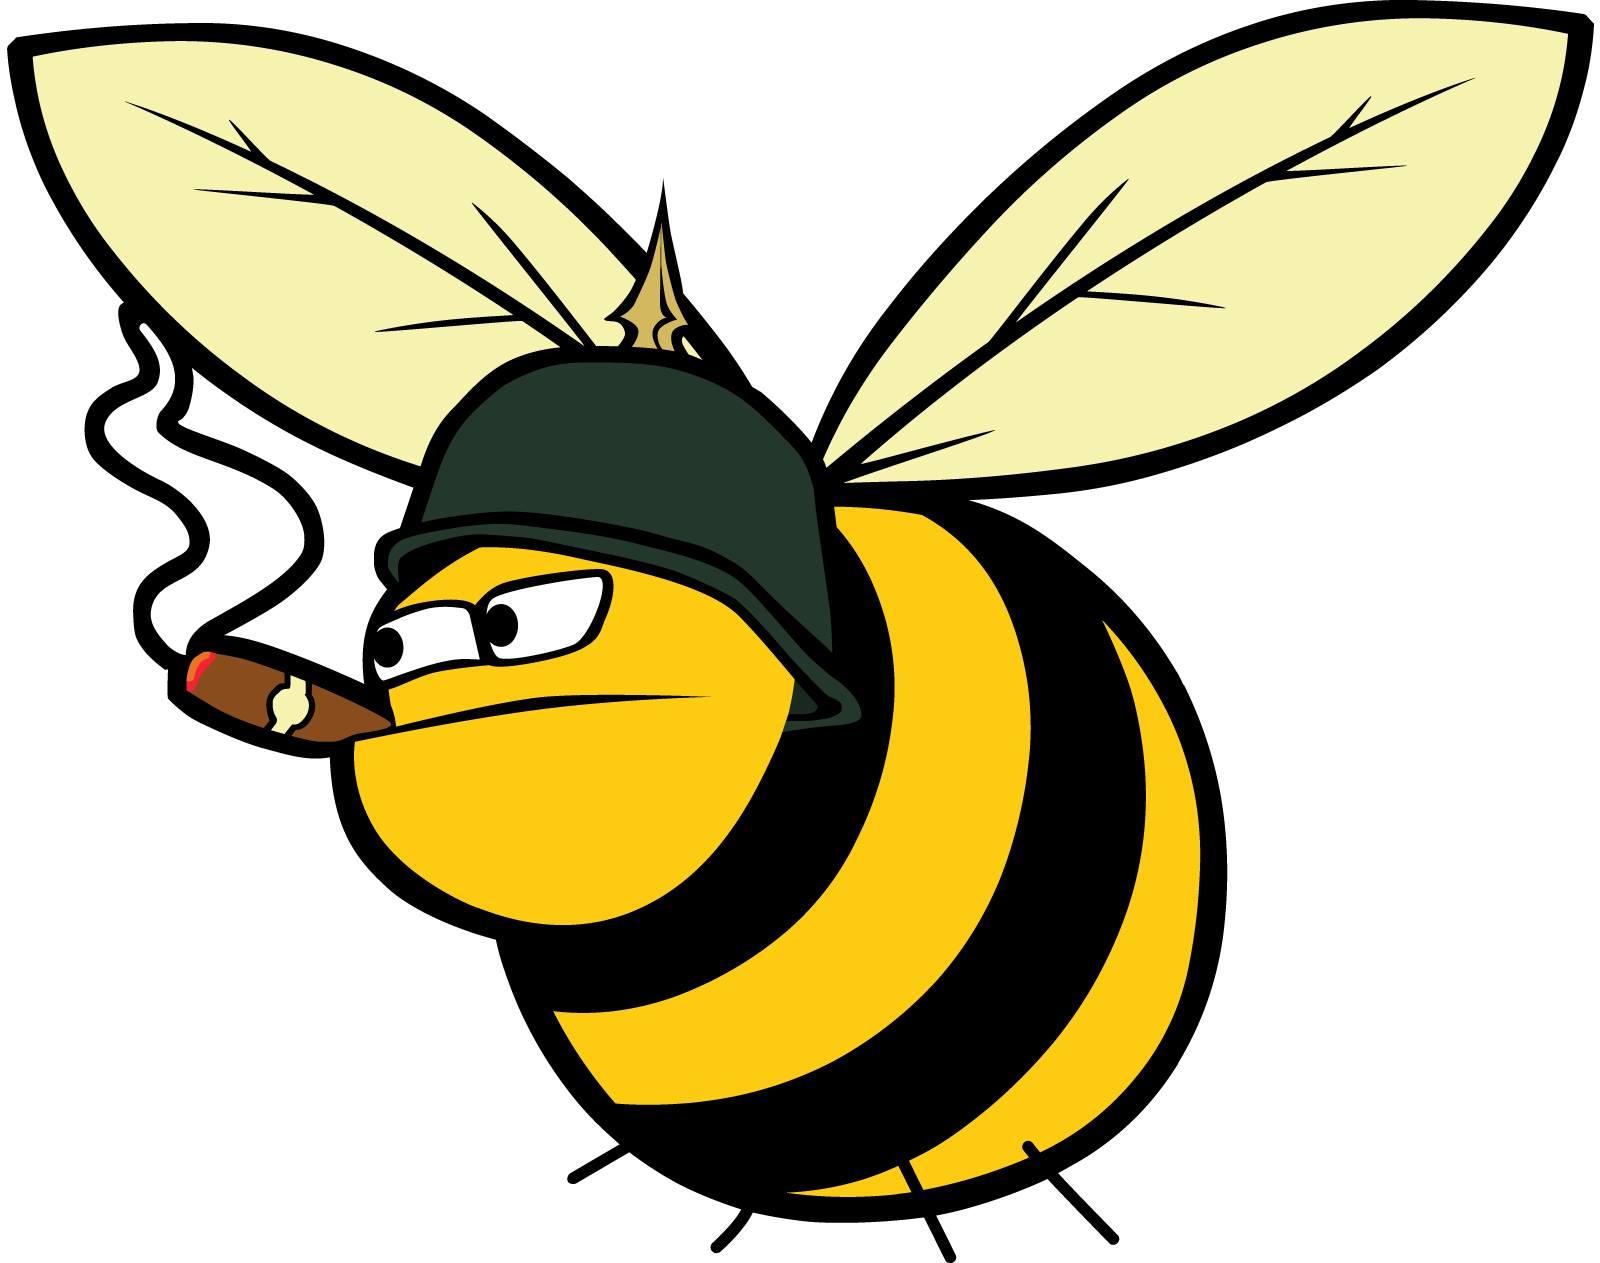 Пчела картинки смешные, счастья открытки шампанское